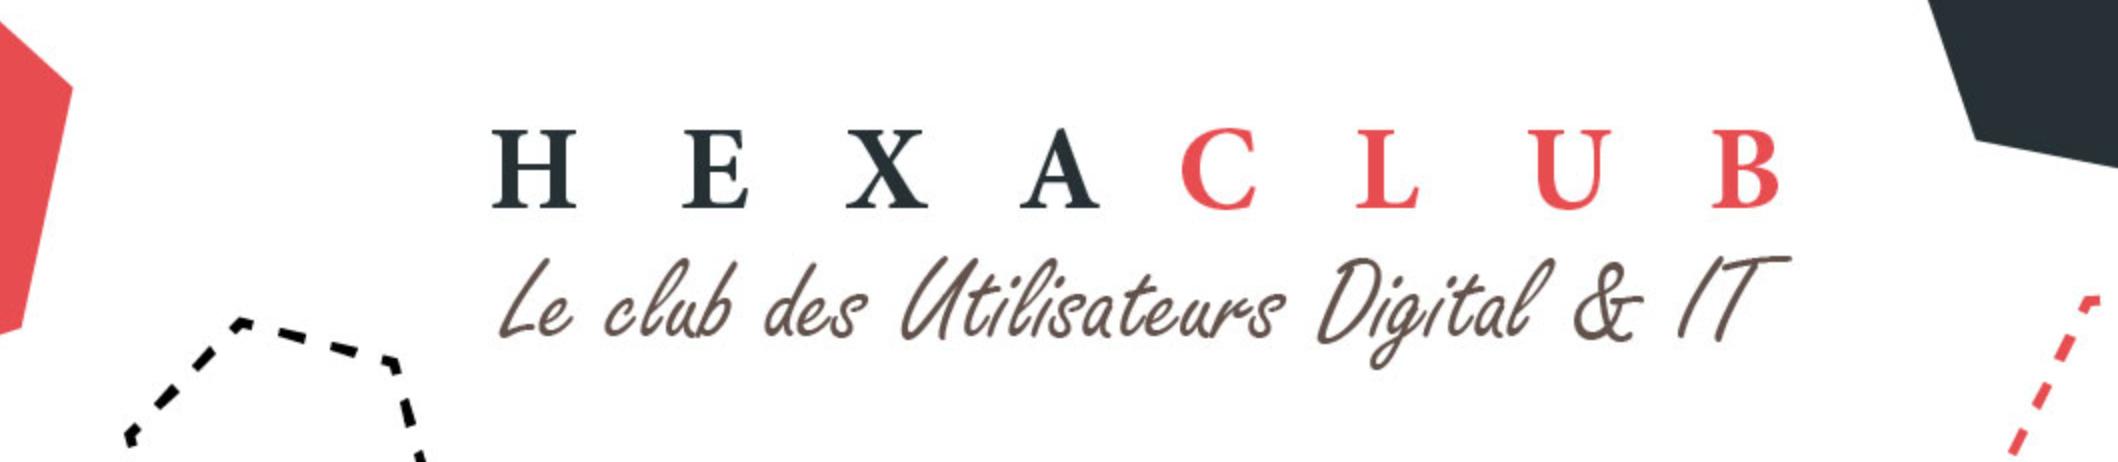 Hexaclub